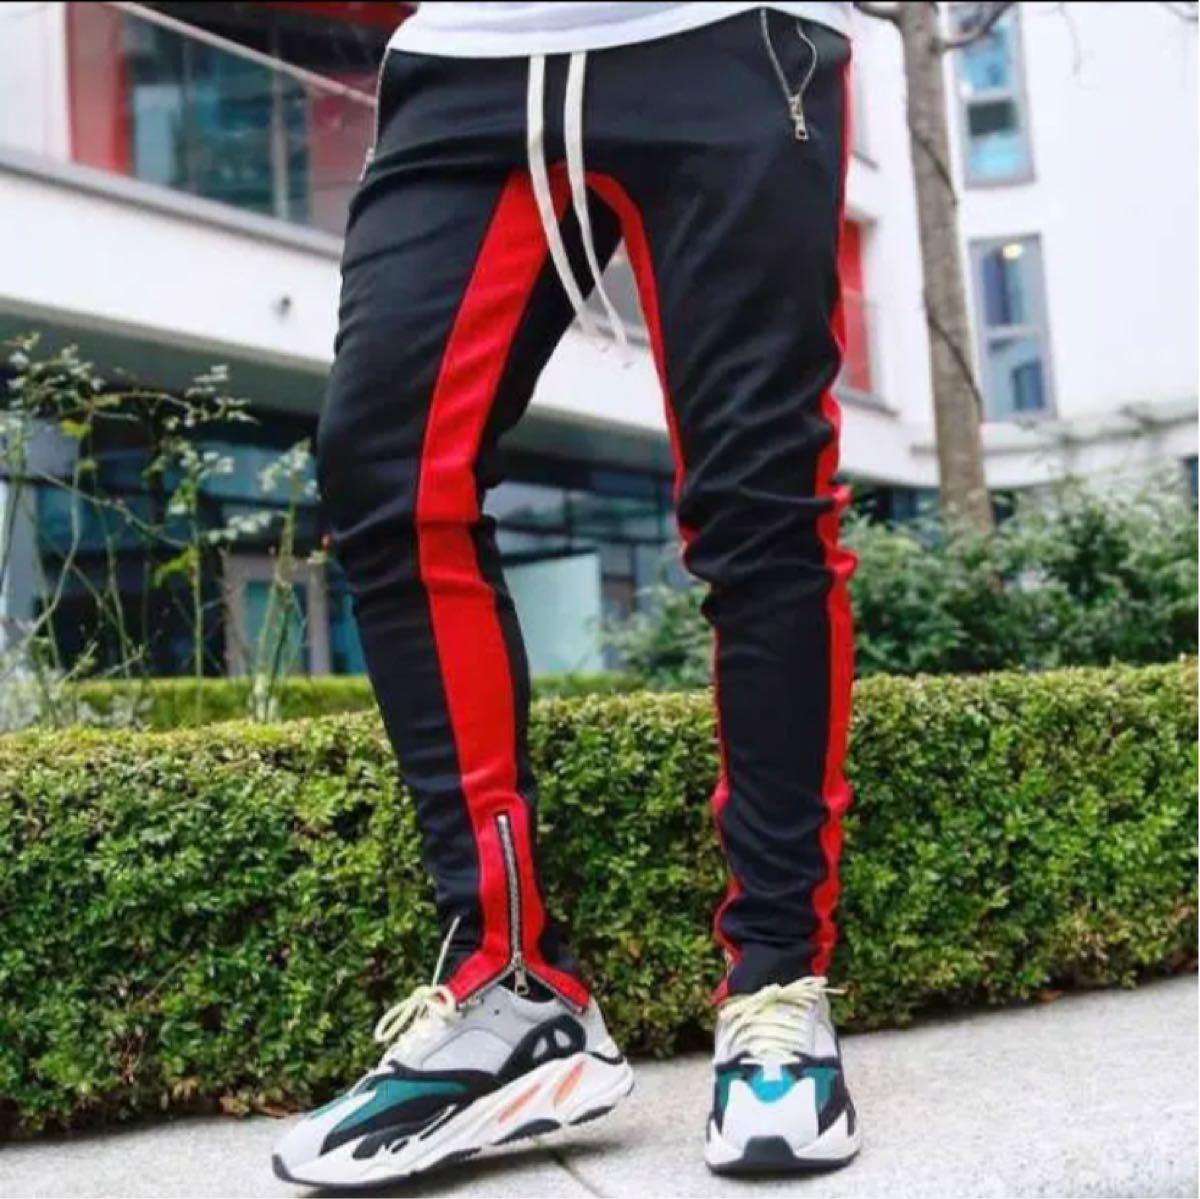 ラインパンツ ジョガーパンツ メンズ スウェット 黒 ブラック 赤 レッド M  PANTS スウェットパンツ NIKE